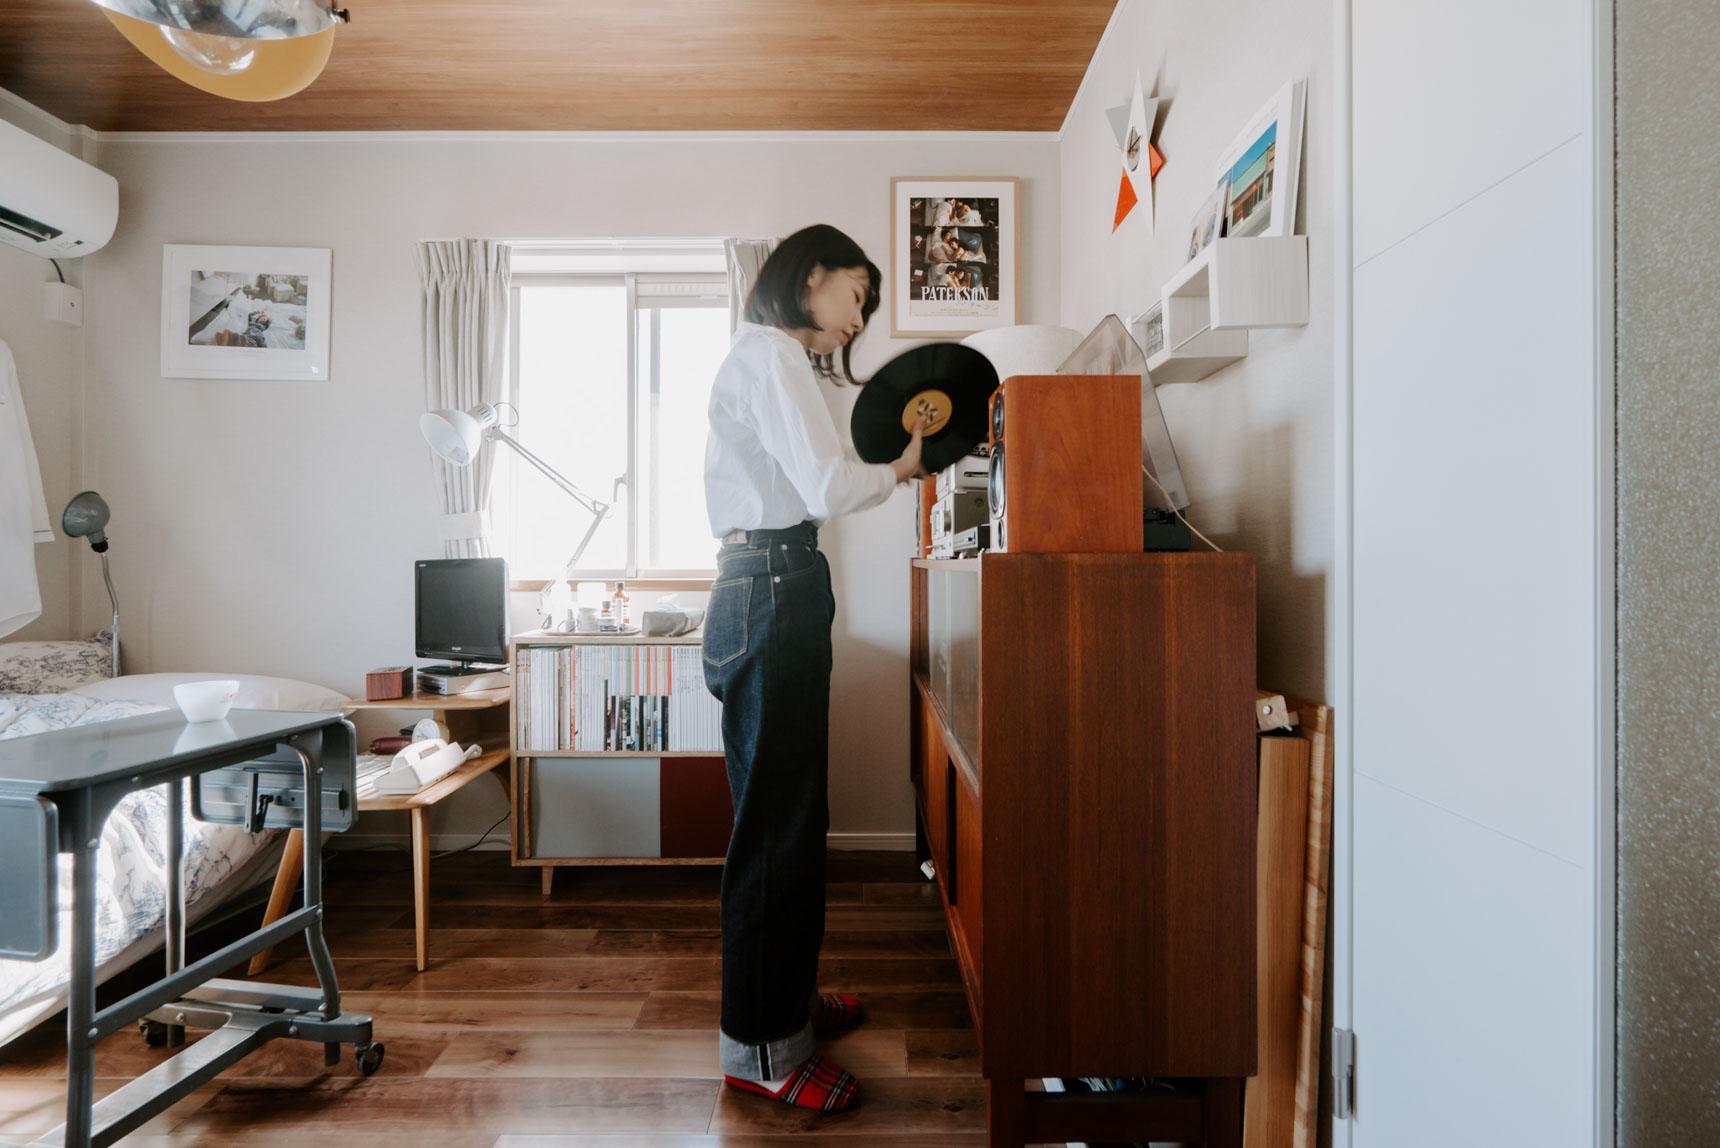 レコードを選び、セットする姿も絵になる。実際に聴かせていただいたのですが、部屋全体の雰囲気が和やかになるような、良い音でした。アナログの機械って、やっぱりいいですね。